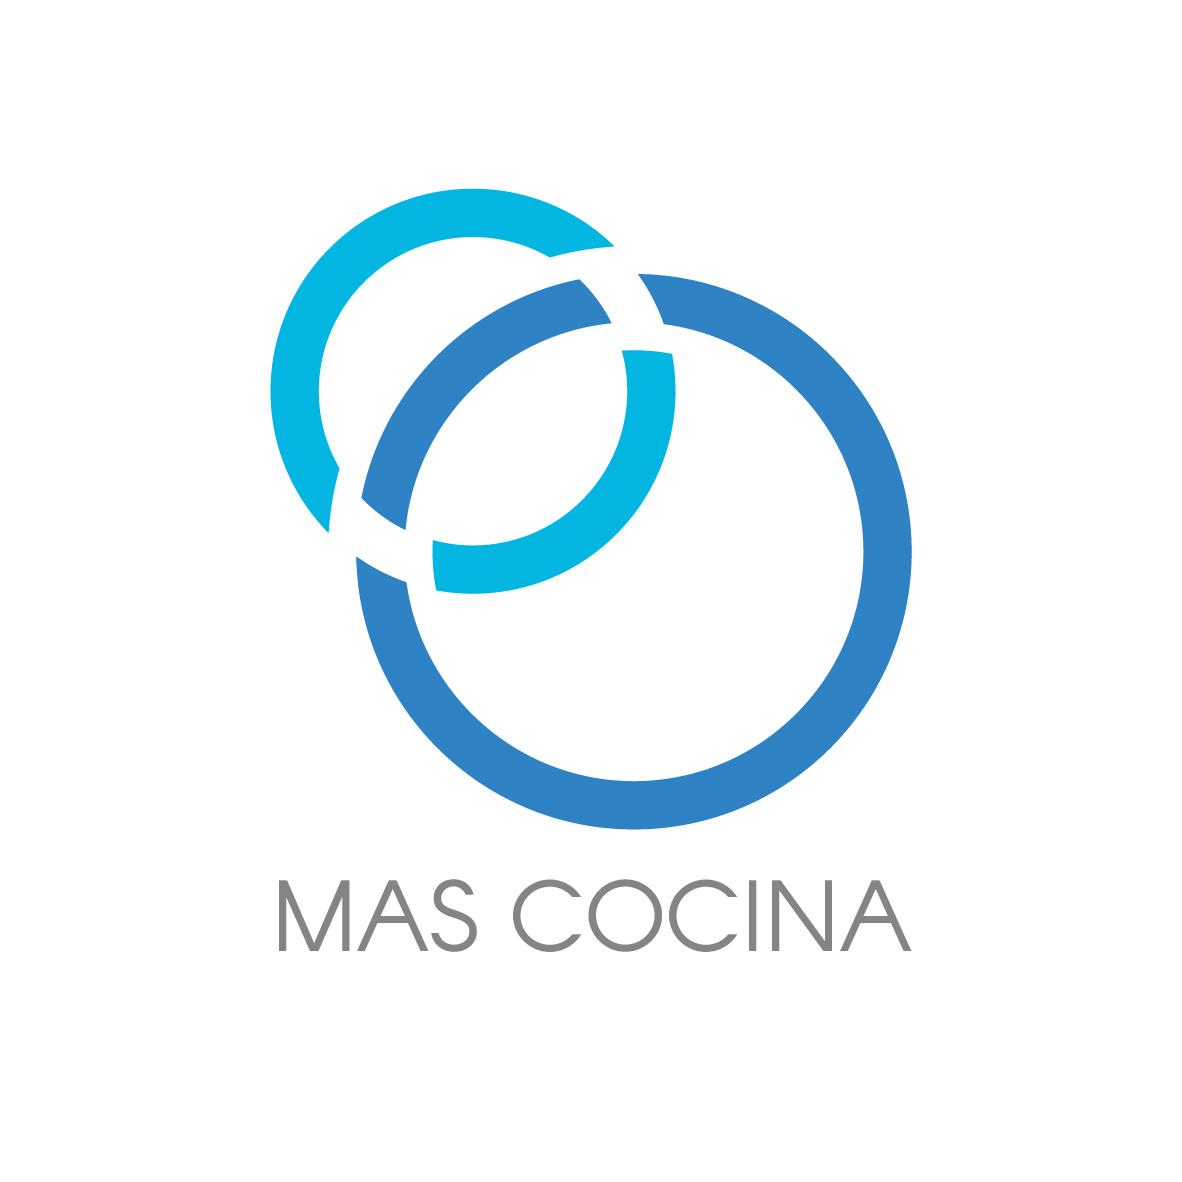 mascocina.cl